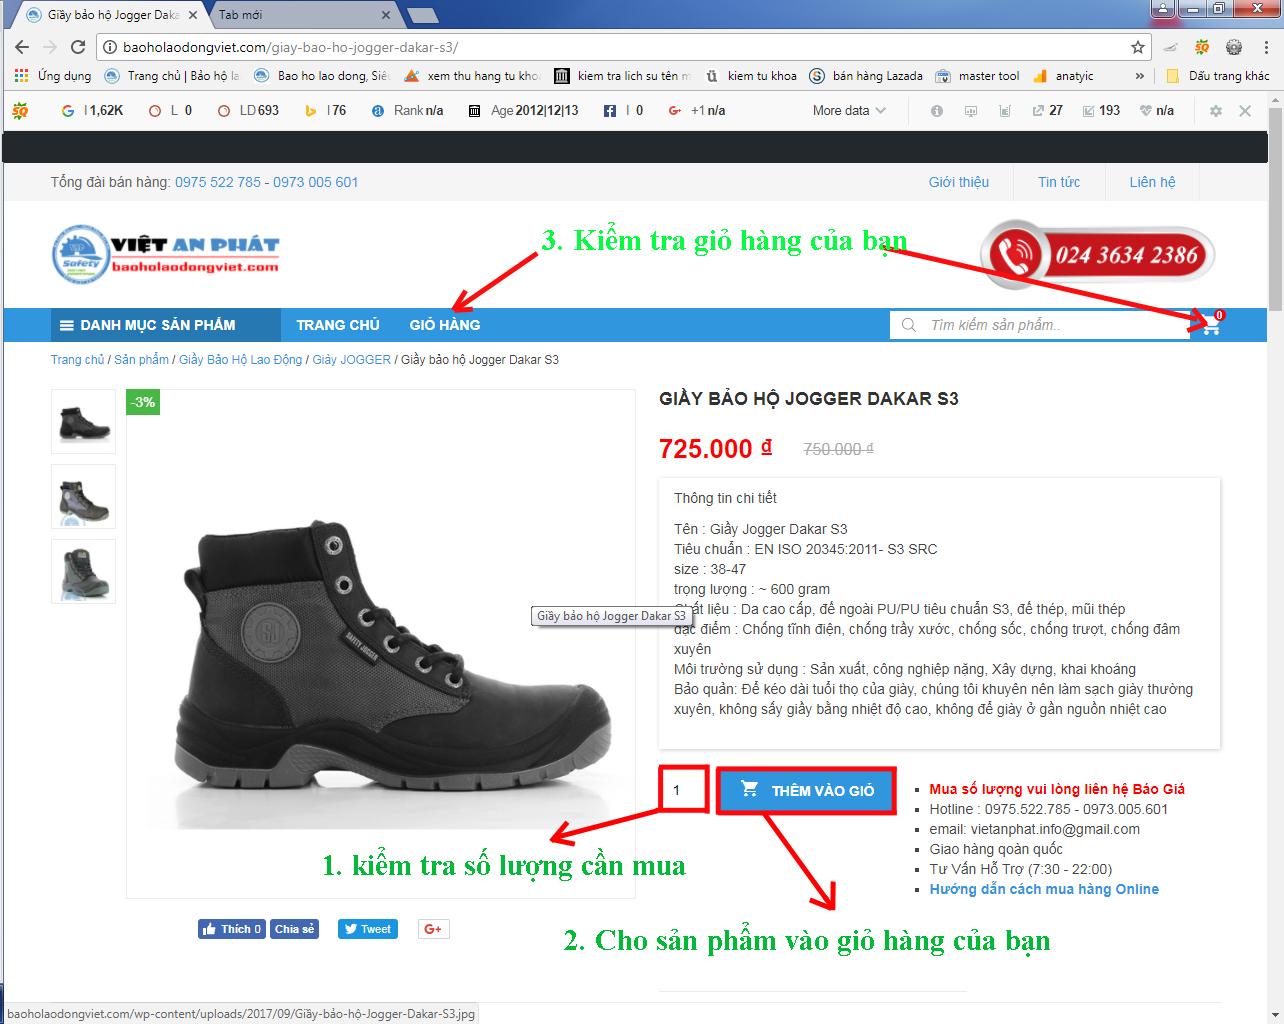 hướng dẫn cách mua hàng online